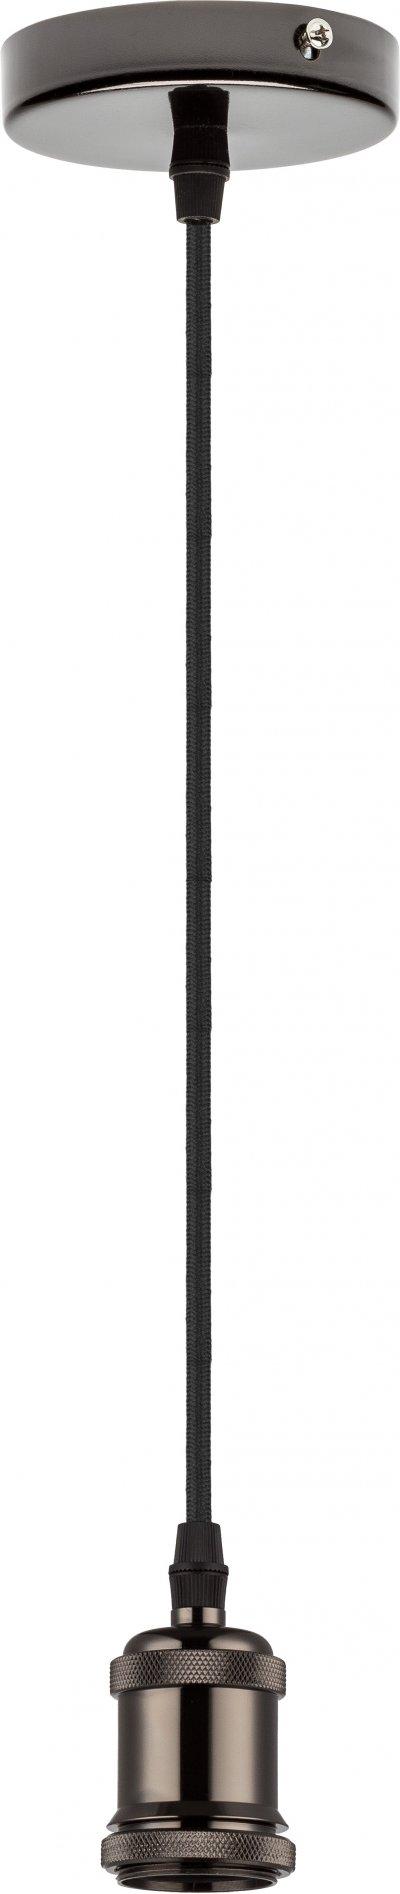 Светильник подвесной Globo A16Ожидается<br><br><br>Тип цоколя: E27<br>Диаметр, мм мм: 100<br>Цвет арматуры: черный хром серебристый